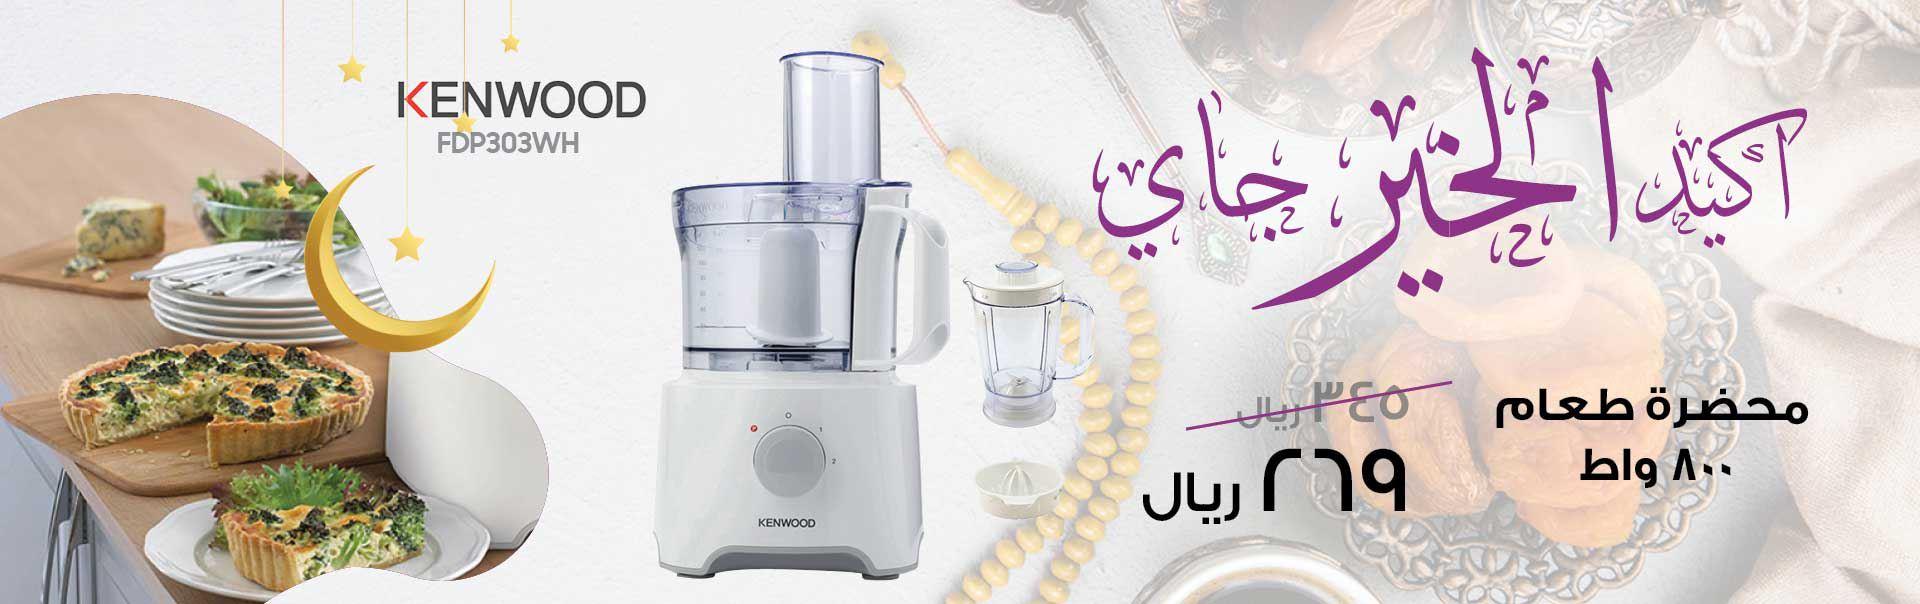 عروض عبد الواحد في رمضان للمطبخ خلاط